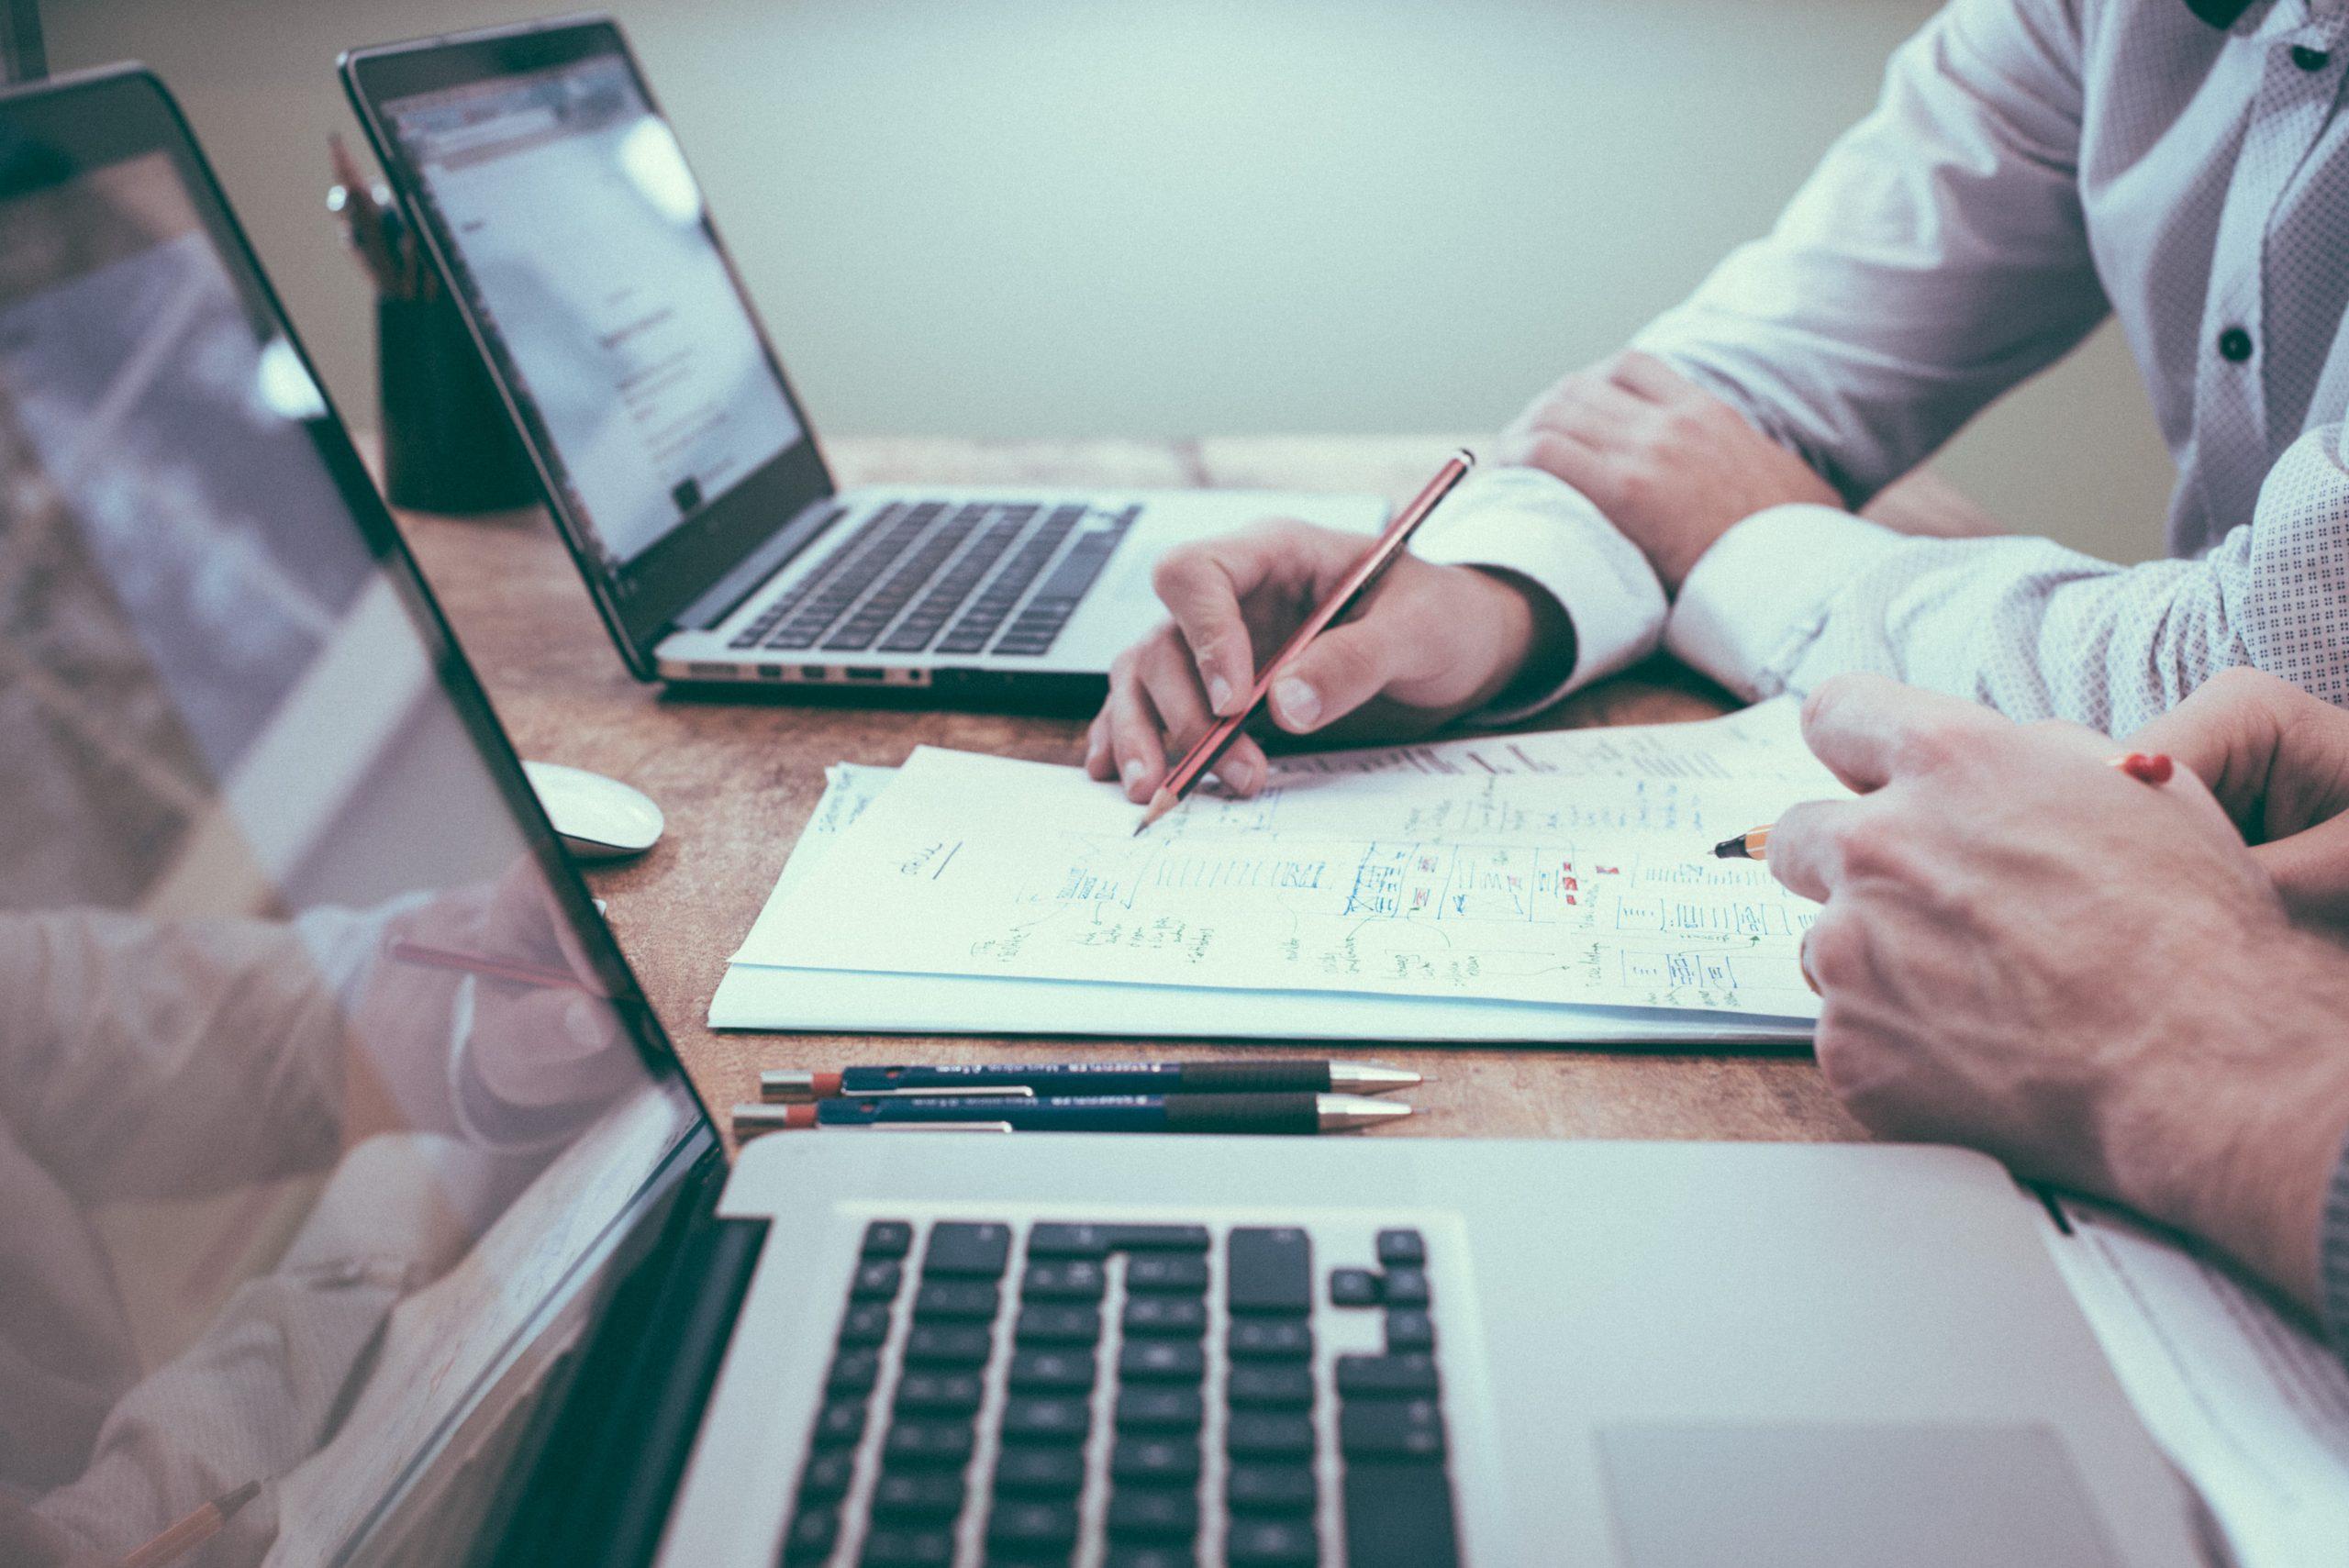 中小企業がクラウドを契約するメリットとは?契約時の注意点も併せて解説